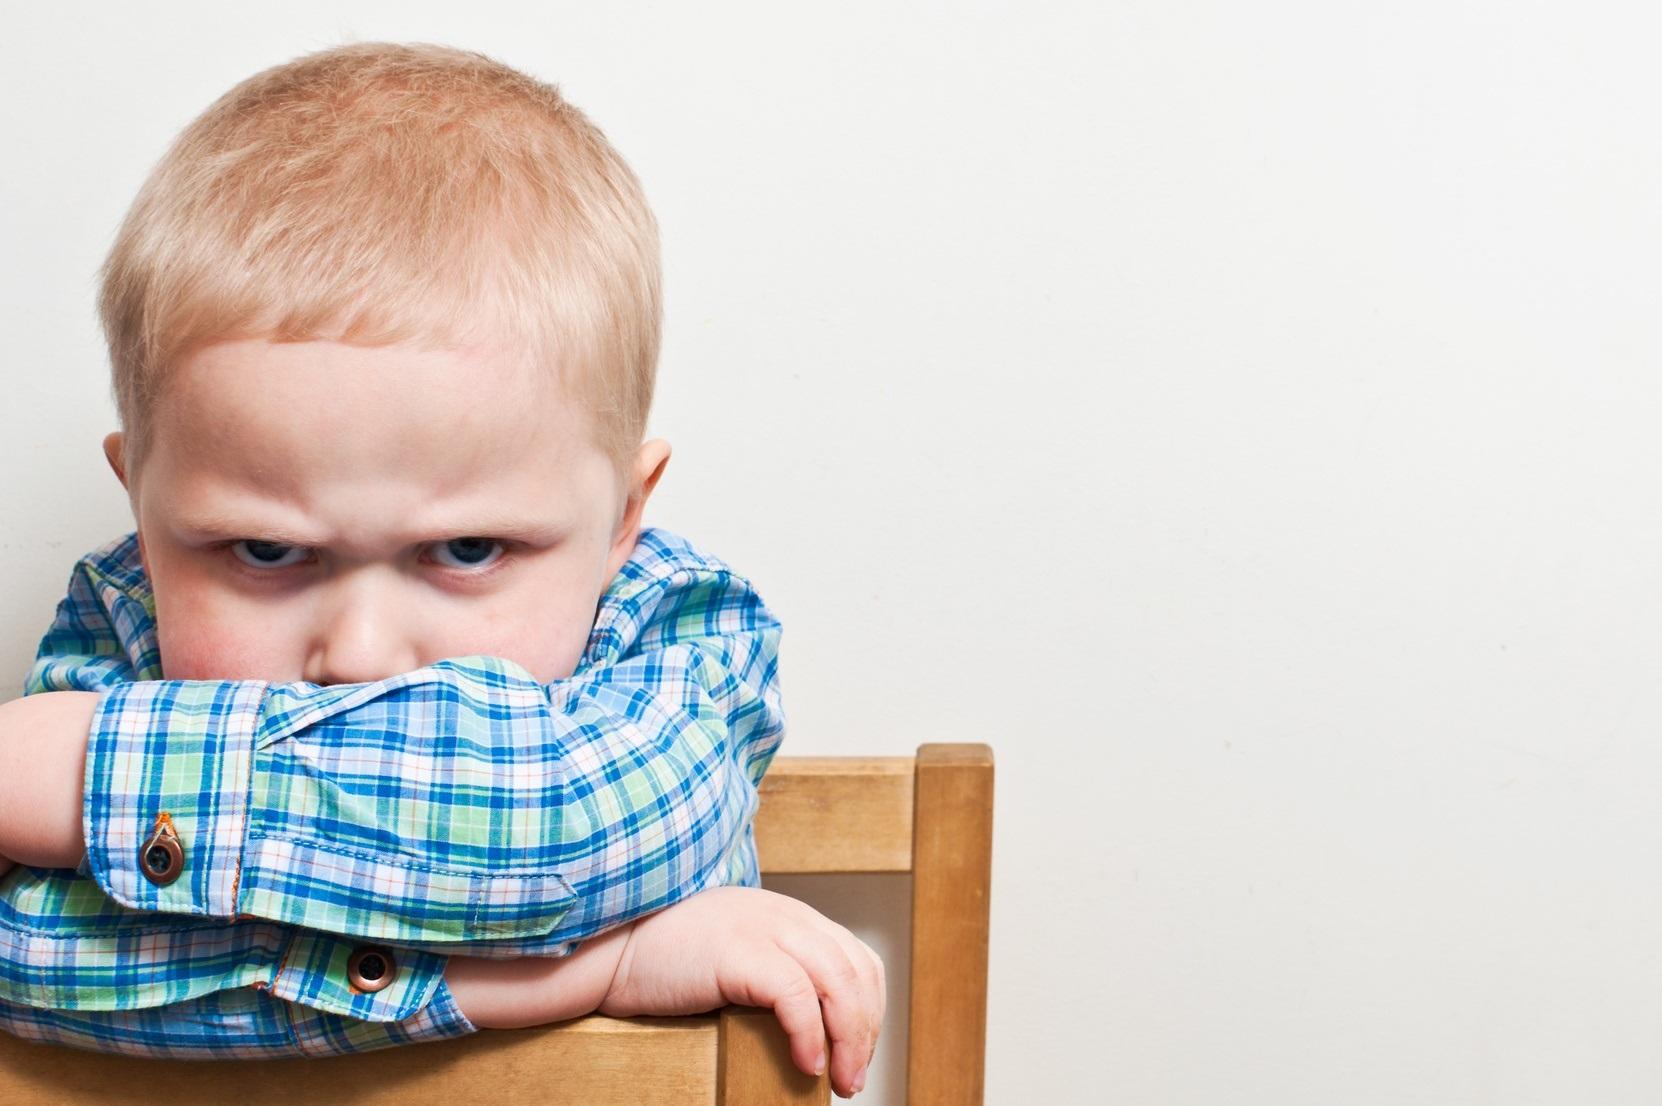 سلوكيات الاطفال الغير صحيحة وكيفية التعامل معها